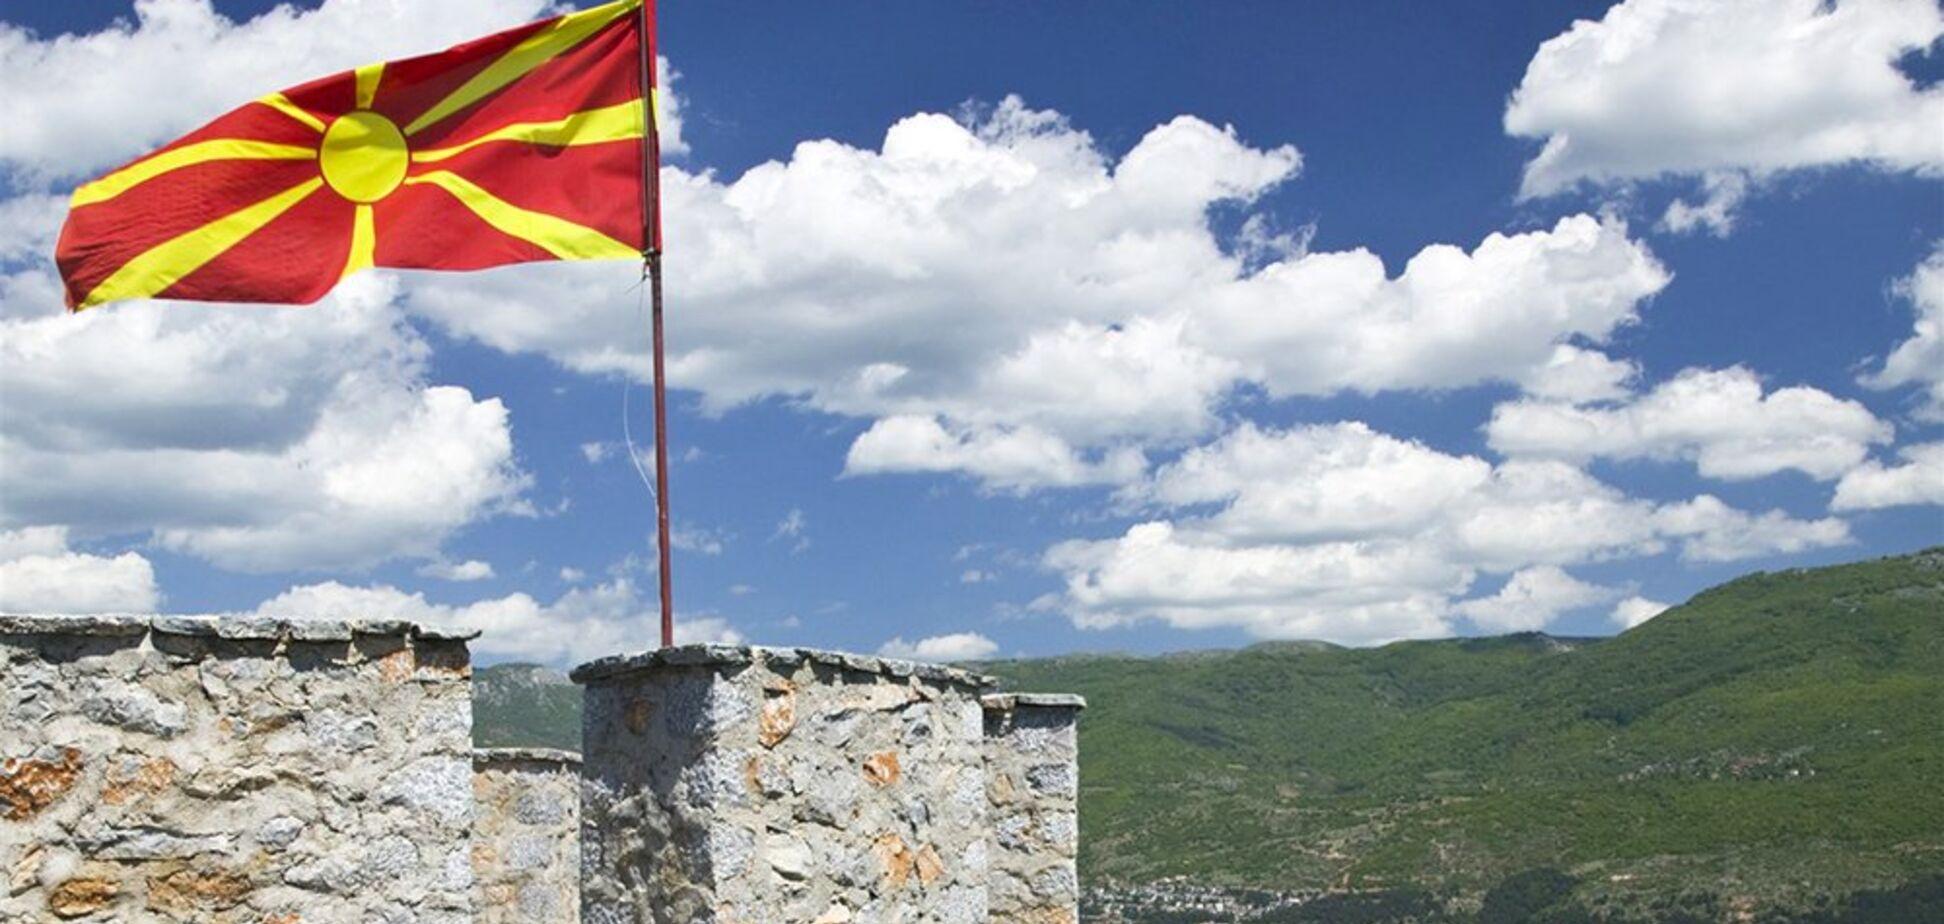 Перейменування Македонії: Росію звинуватили у планах зірвати історичний референдум